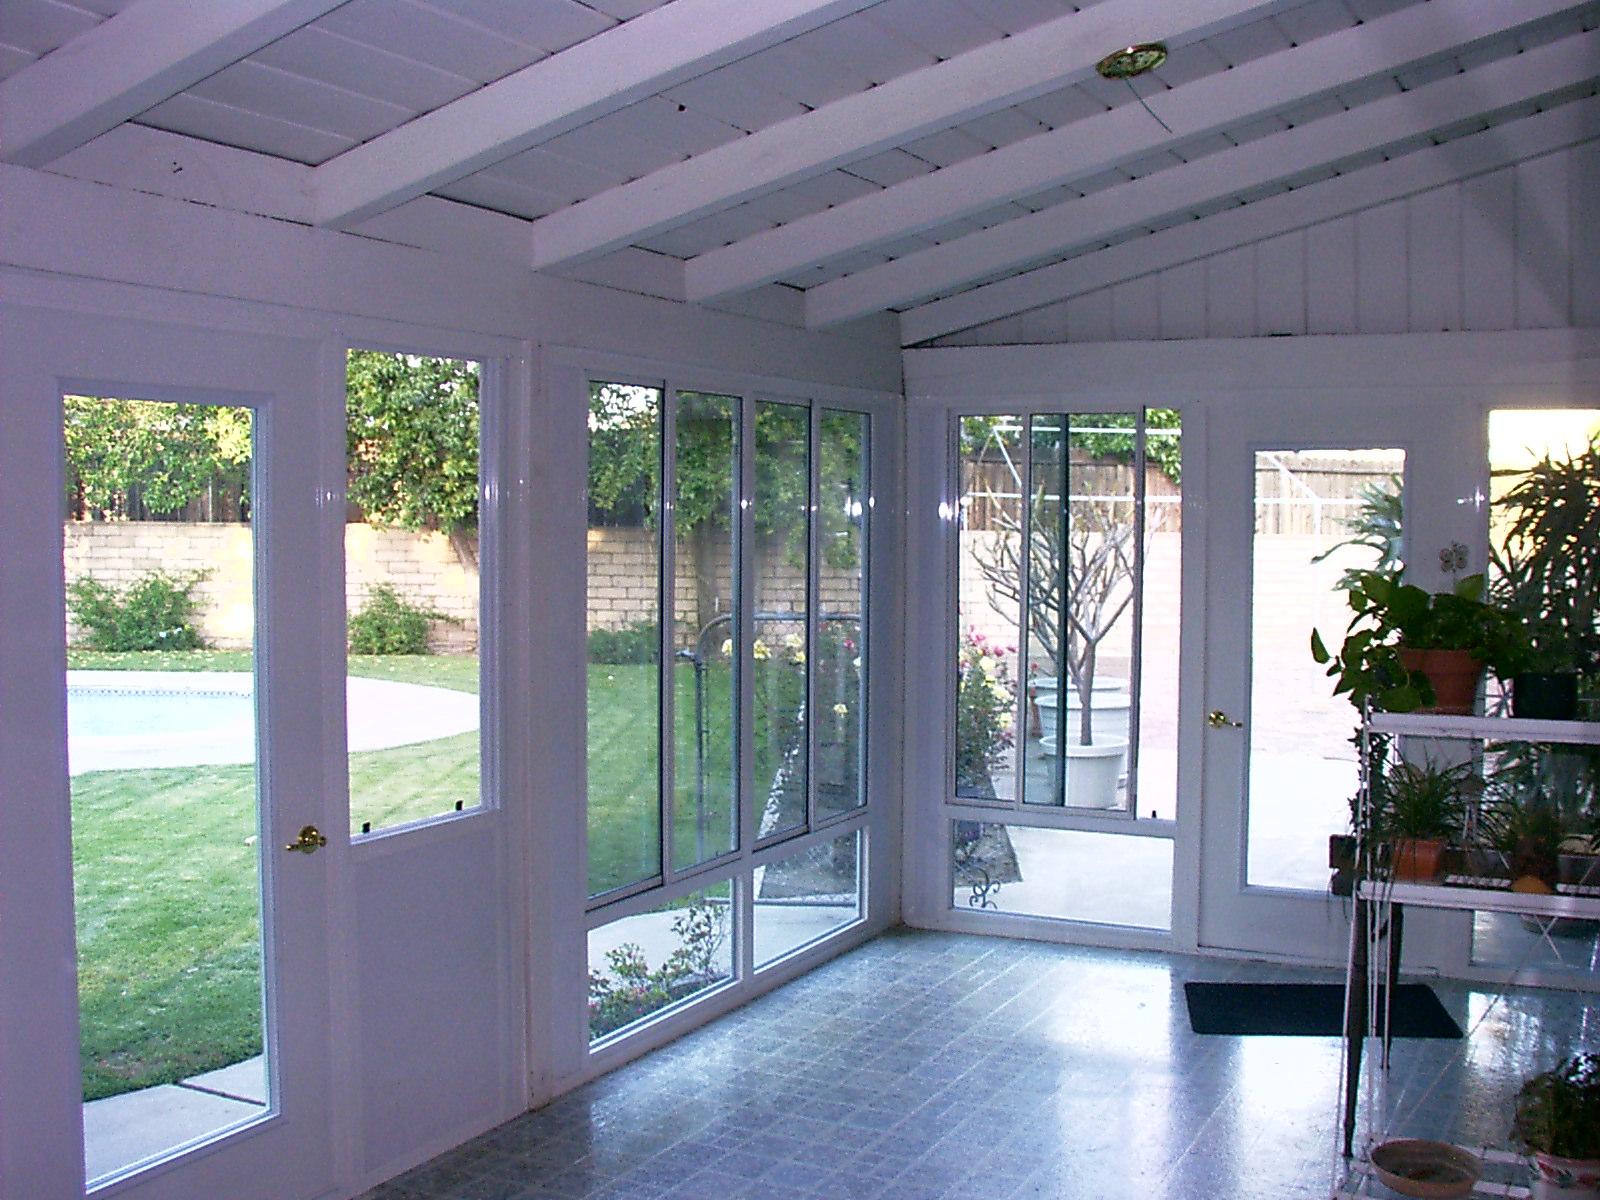 Enclosed Patio Room 004 - Enclosed Patio Room